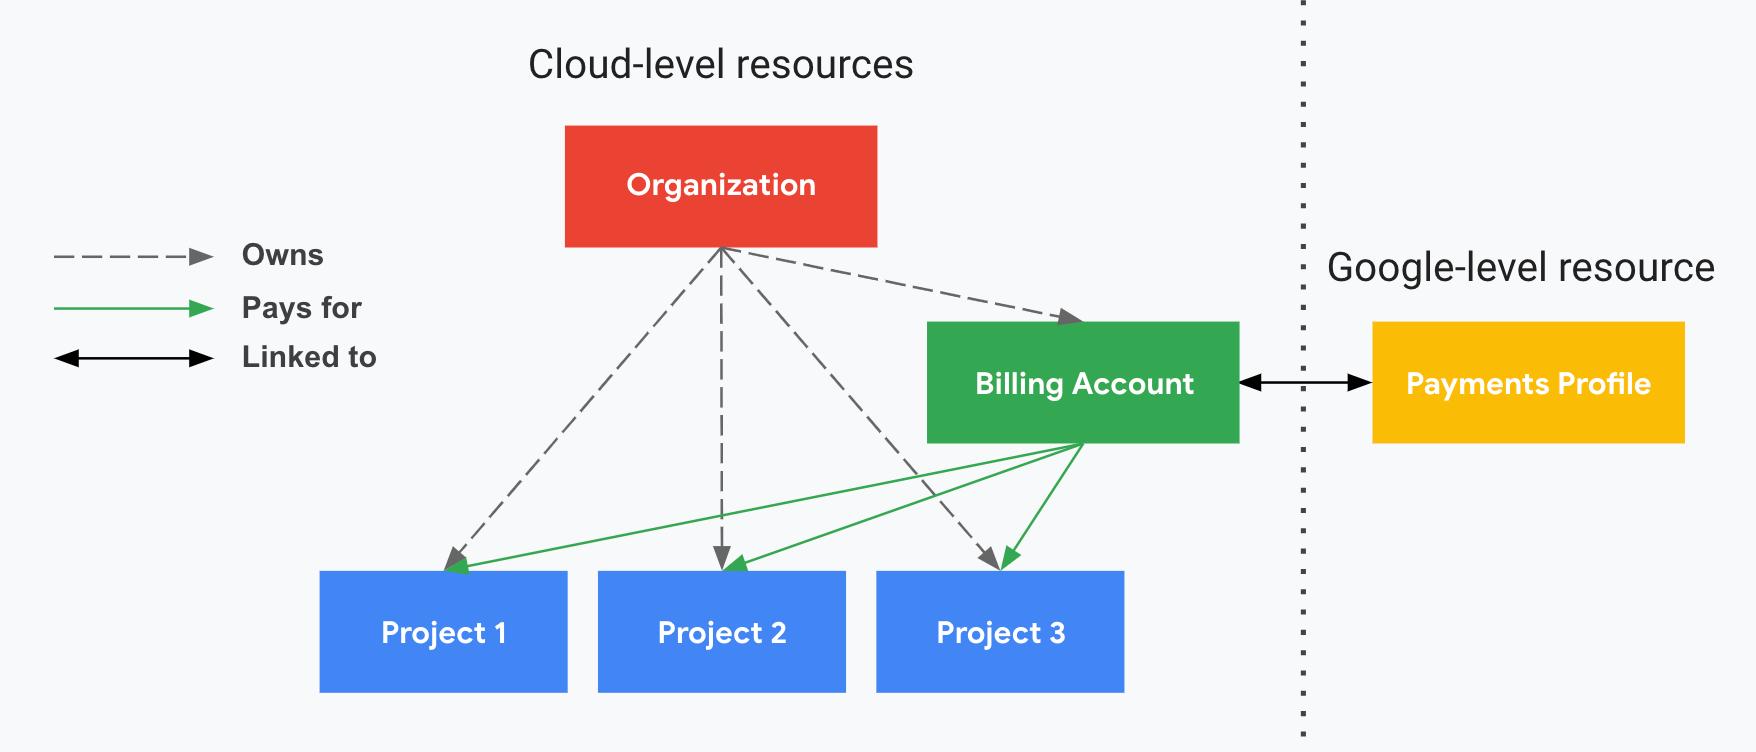 descreve como os projetos estão relacionados ao Faturamento do Cloud e ao seu perfil para pagamentos. Em um lado estão os recursos no nível do Cloud (conta de faturamento do Cloud e projetos associados). No outro lado, dividido por uma linha vertical pontilhada, está seu recurso no nível do Google (um perfil para pagamentos). Os projetos são pagos pela Conta de faturamento do Cloud, que está vinculada ao seu perfil para pagamentos.